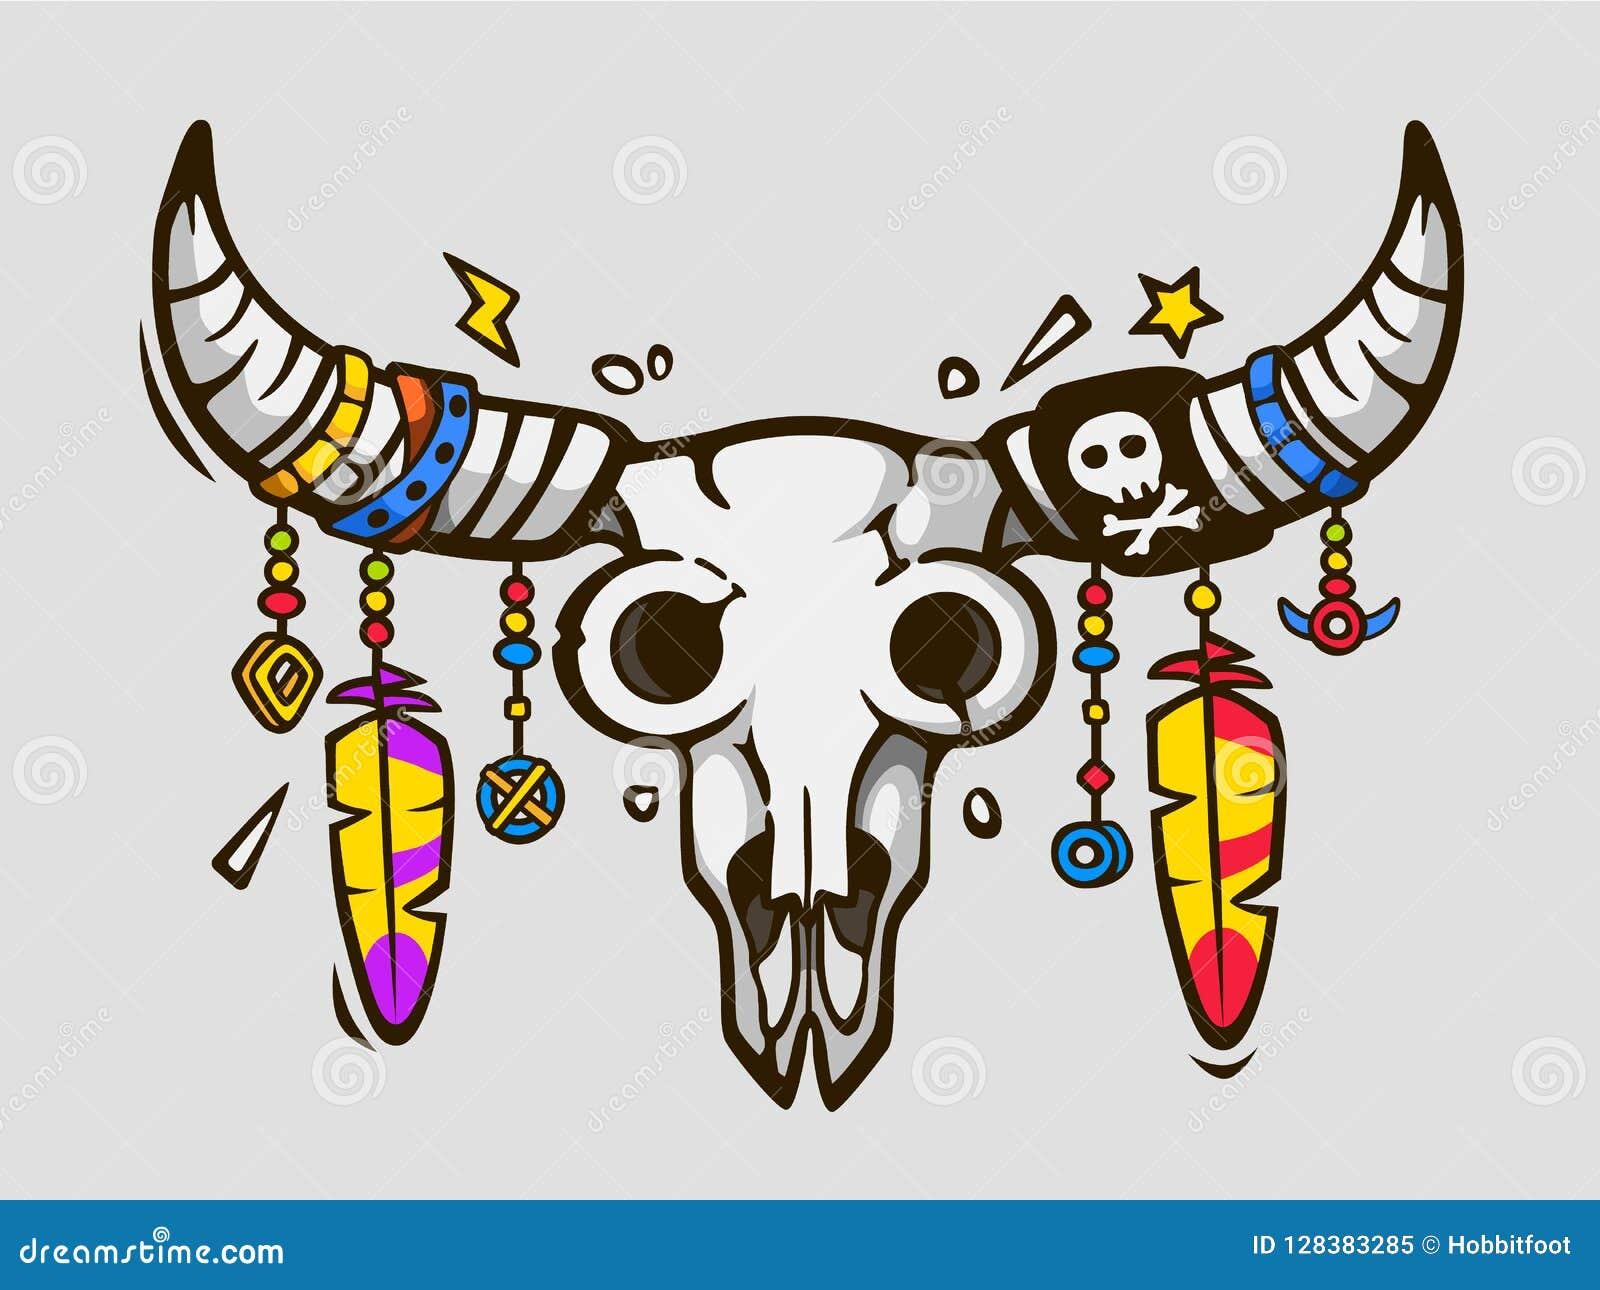 Boho chic Style ethnique de tatouage Crâne de taureau de natif américain ou de Mexicain avec des plumes sur des klaxons